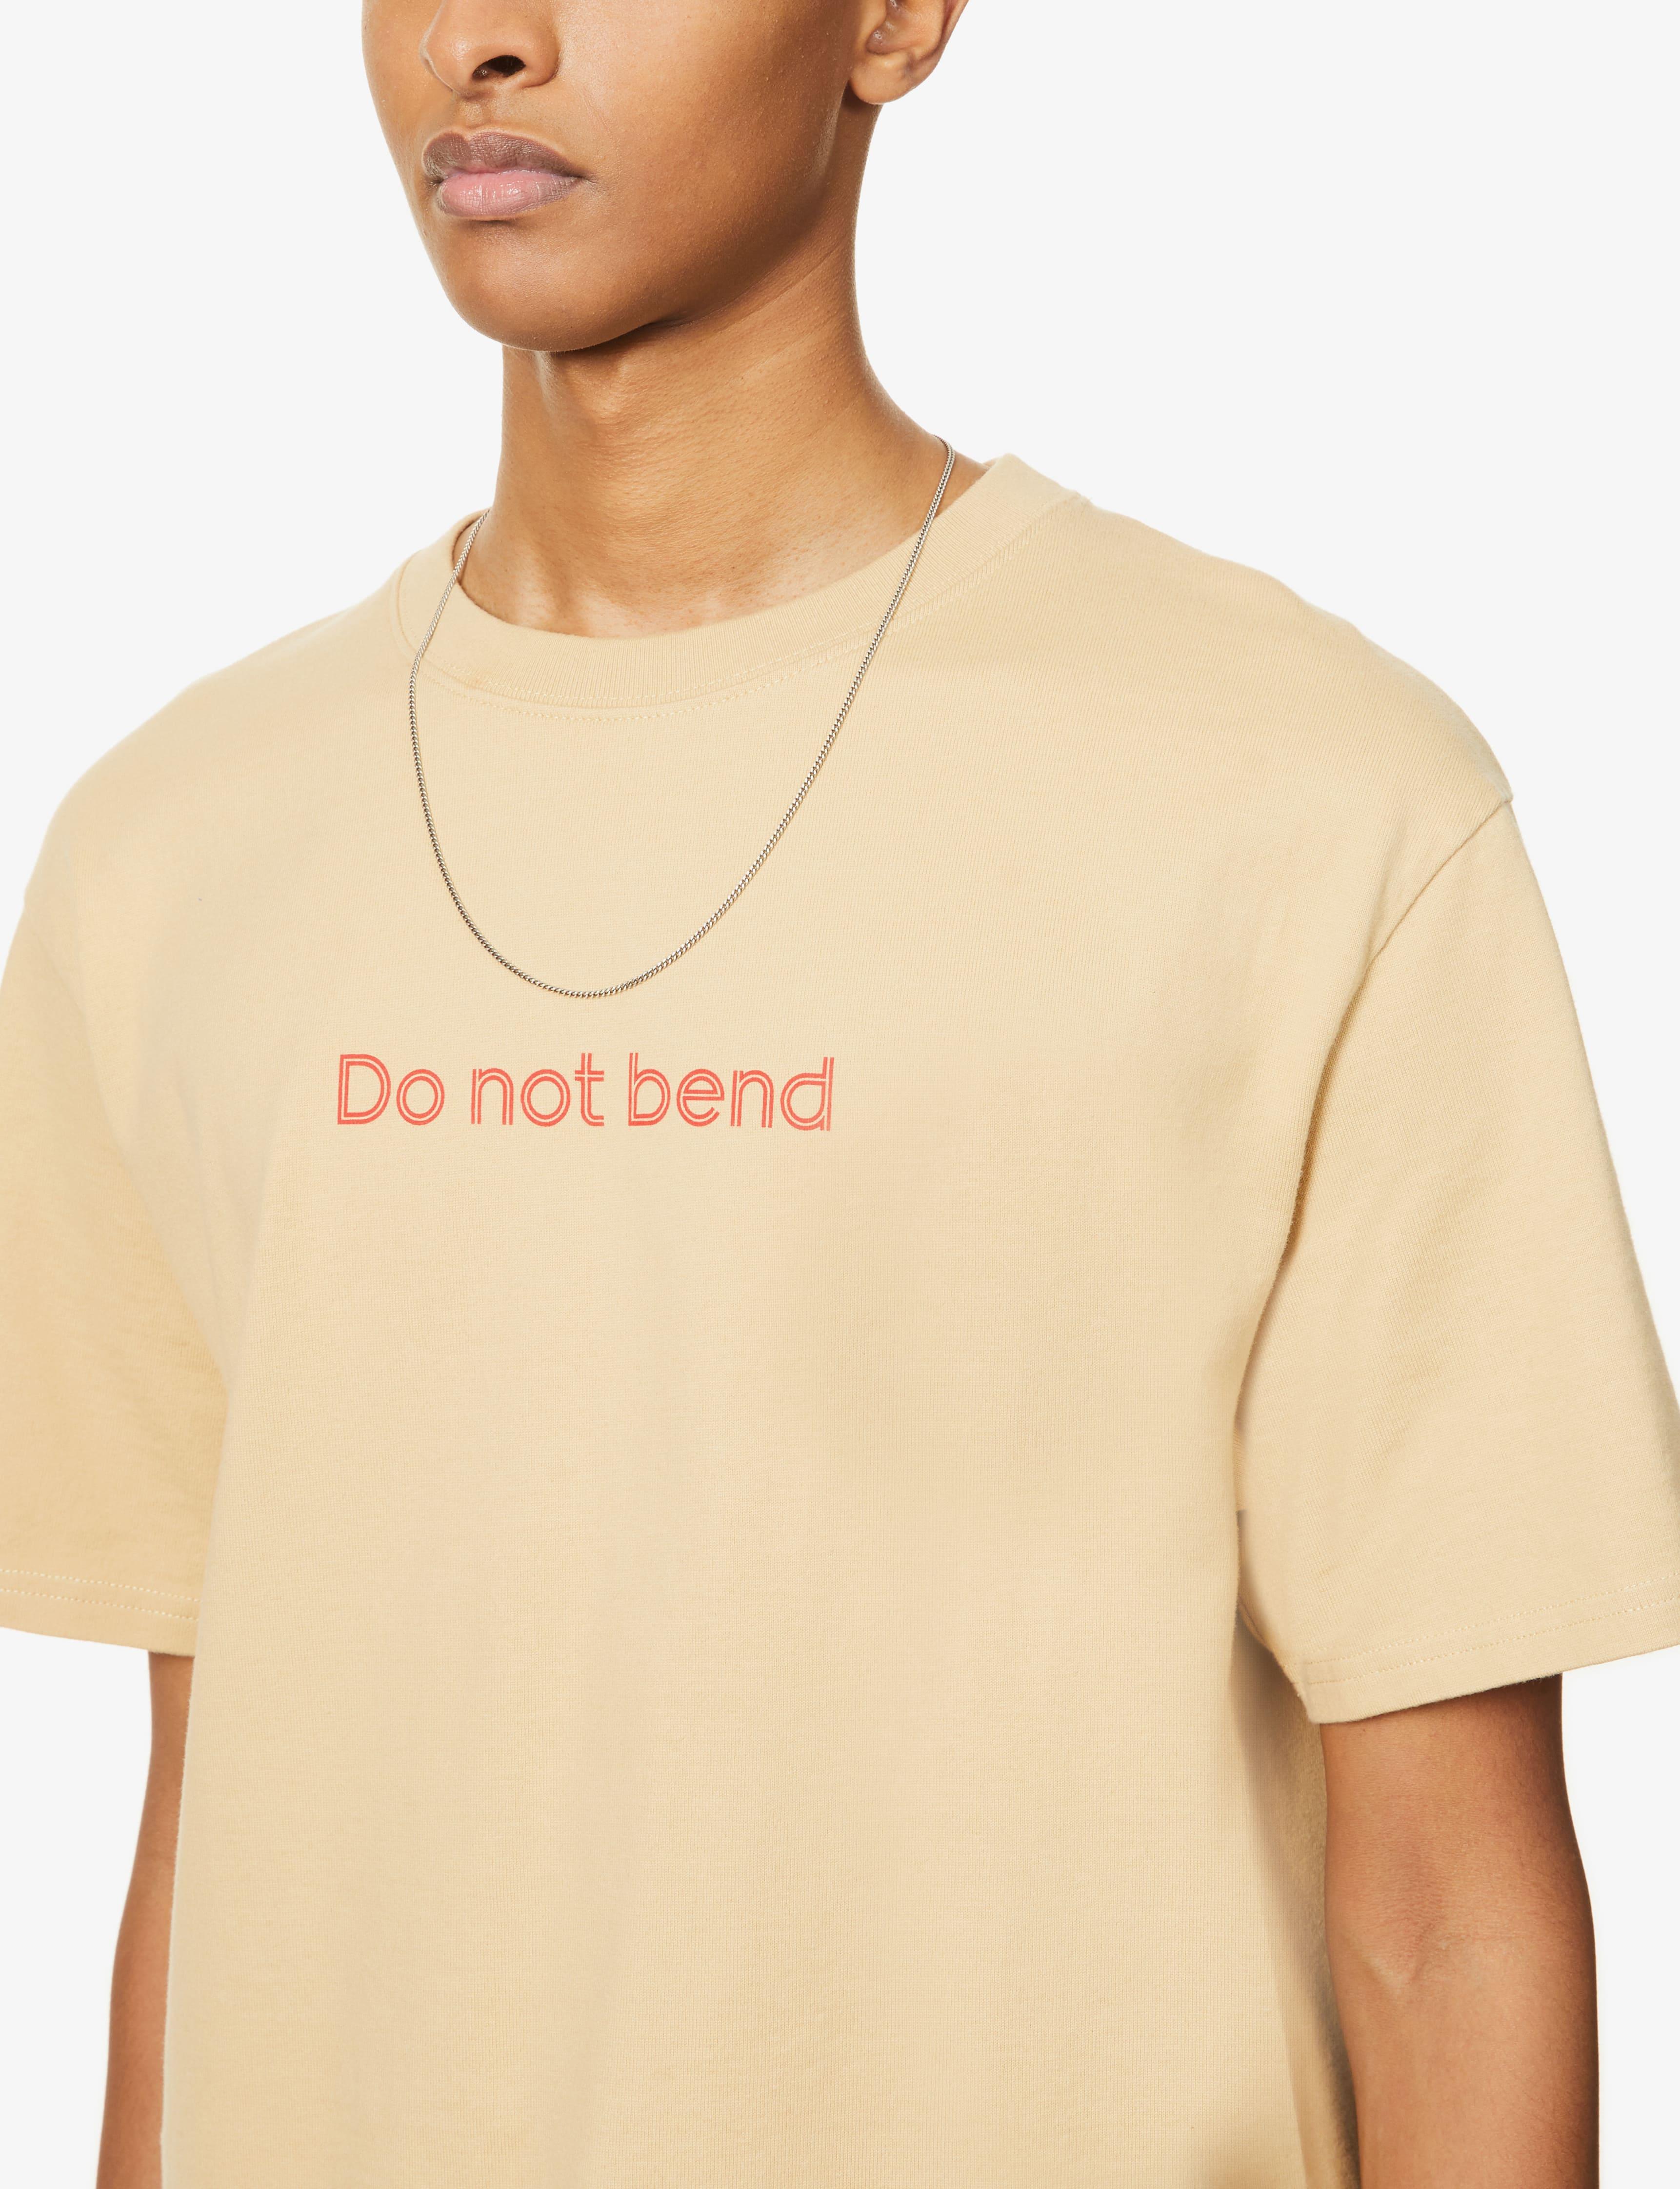 DO NOT BEND